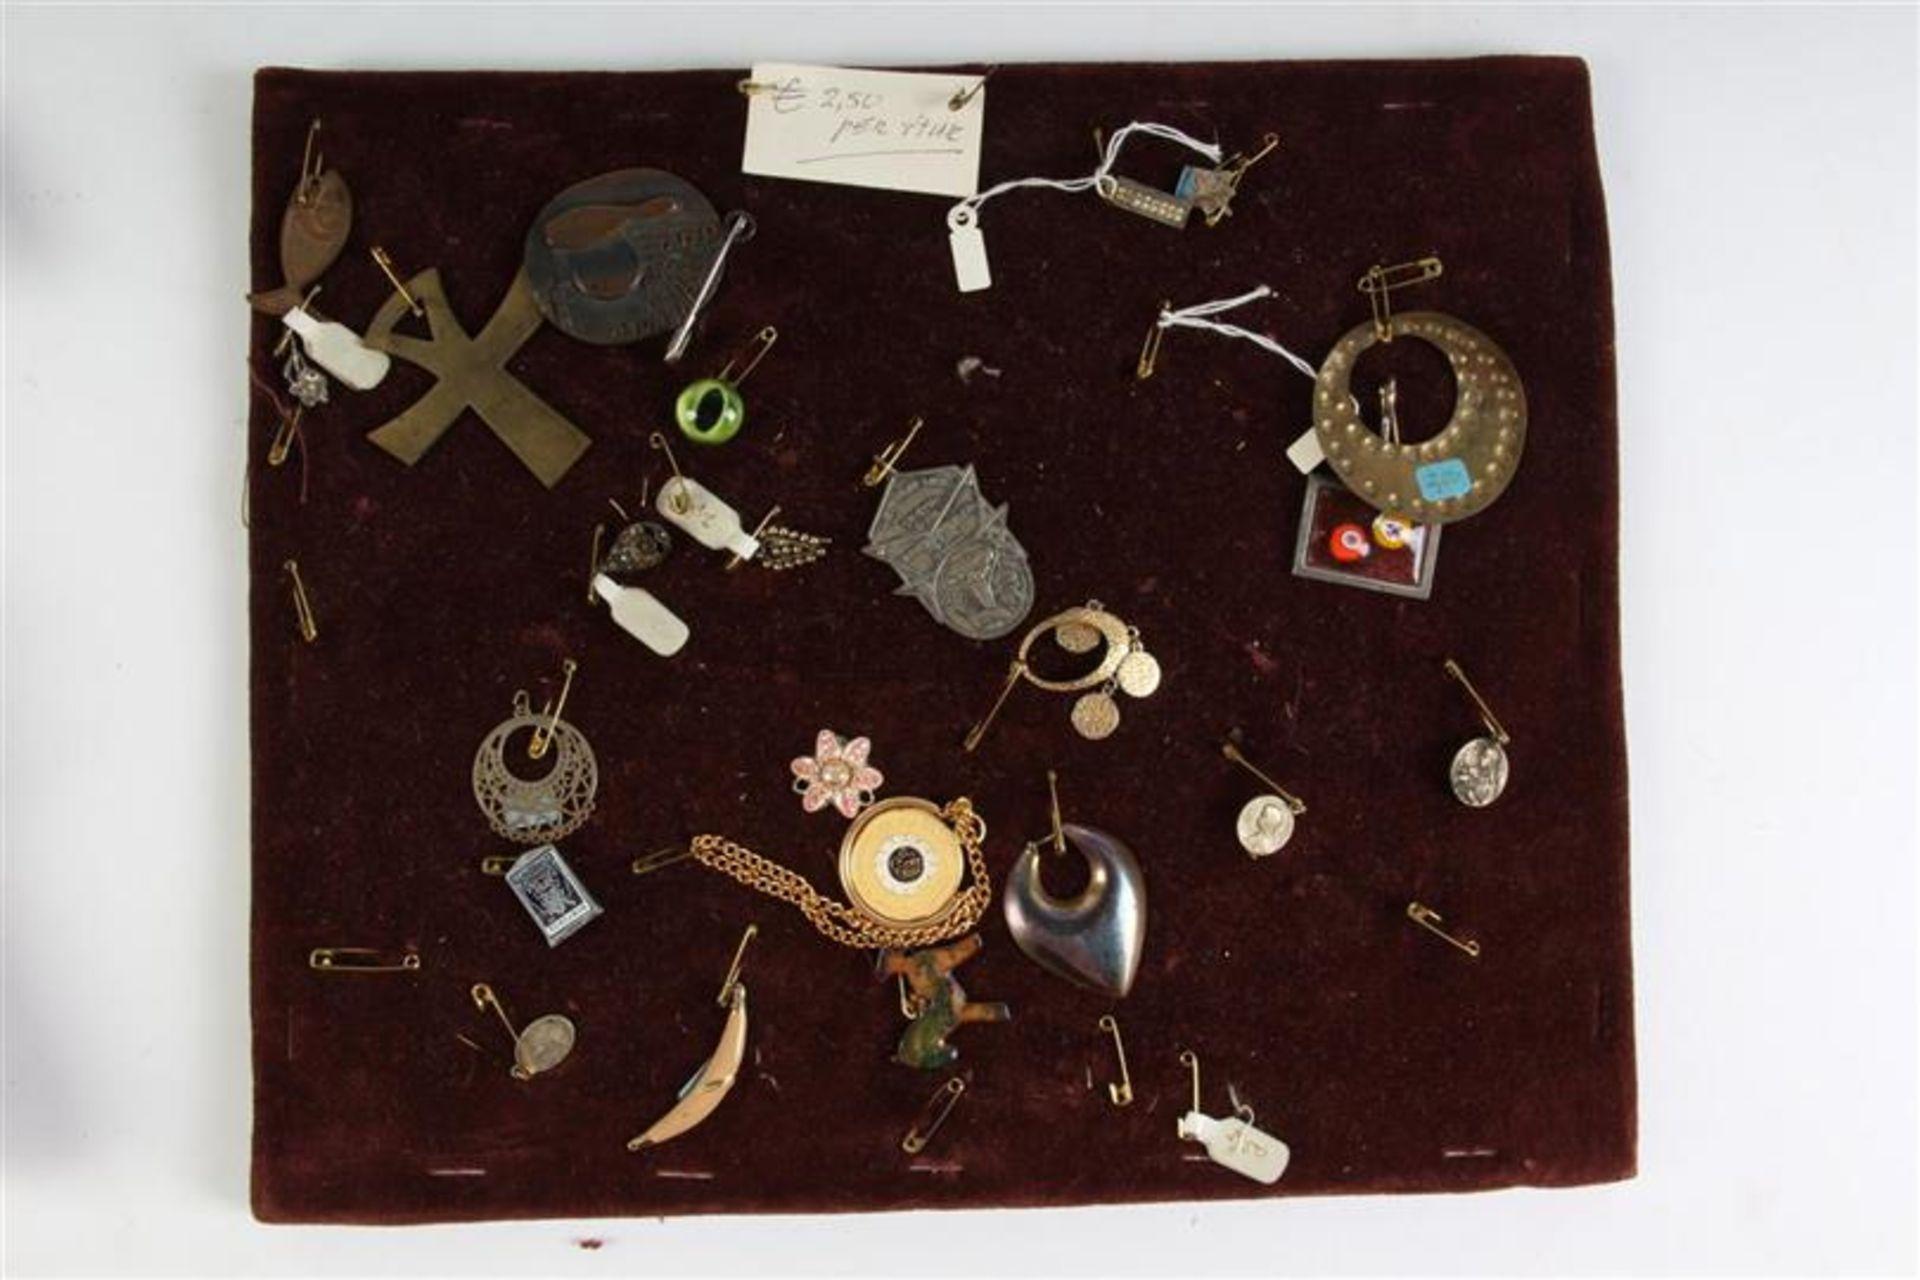 Houten tafelvitrine met sieraden. HxBxD: 55.5 x 37 x 13.5 cm. - Bild 5 aus 5